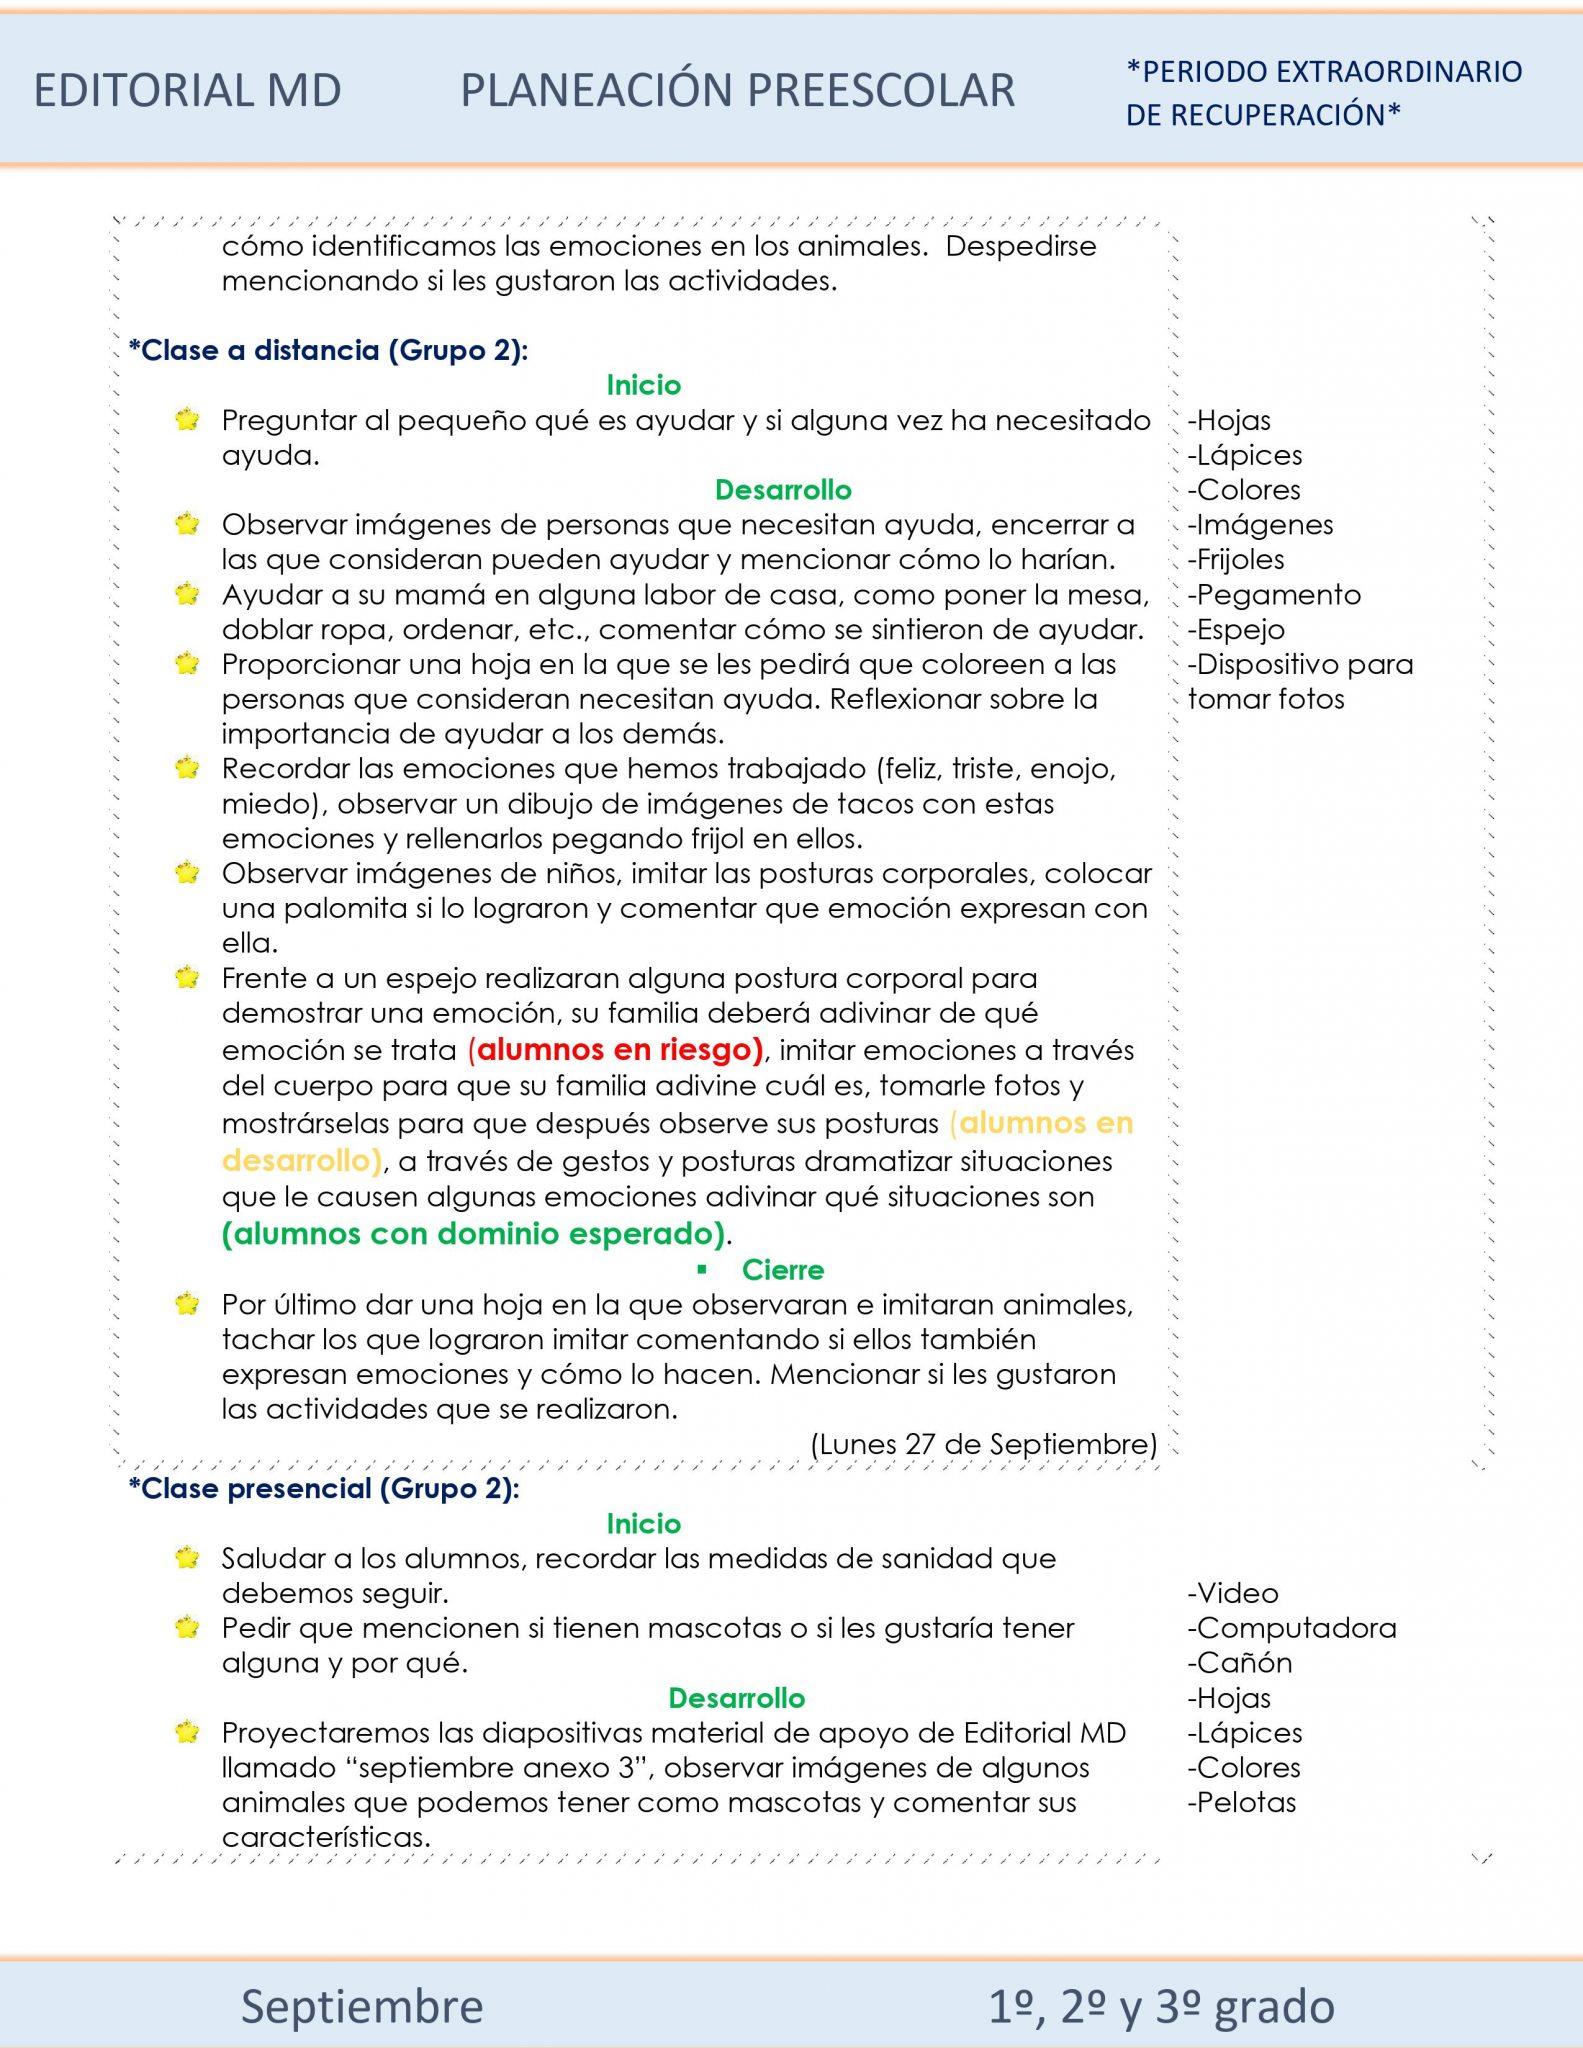 Planeación de Preescolar Híbrida del 27 de septiembre al 1 de octubre 2021 05